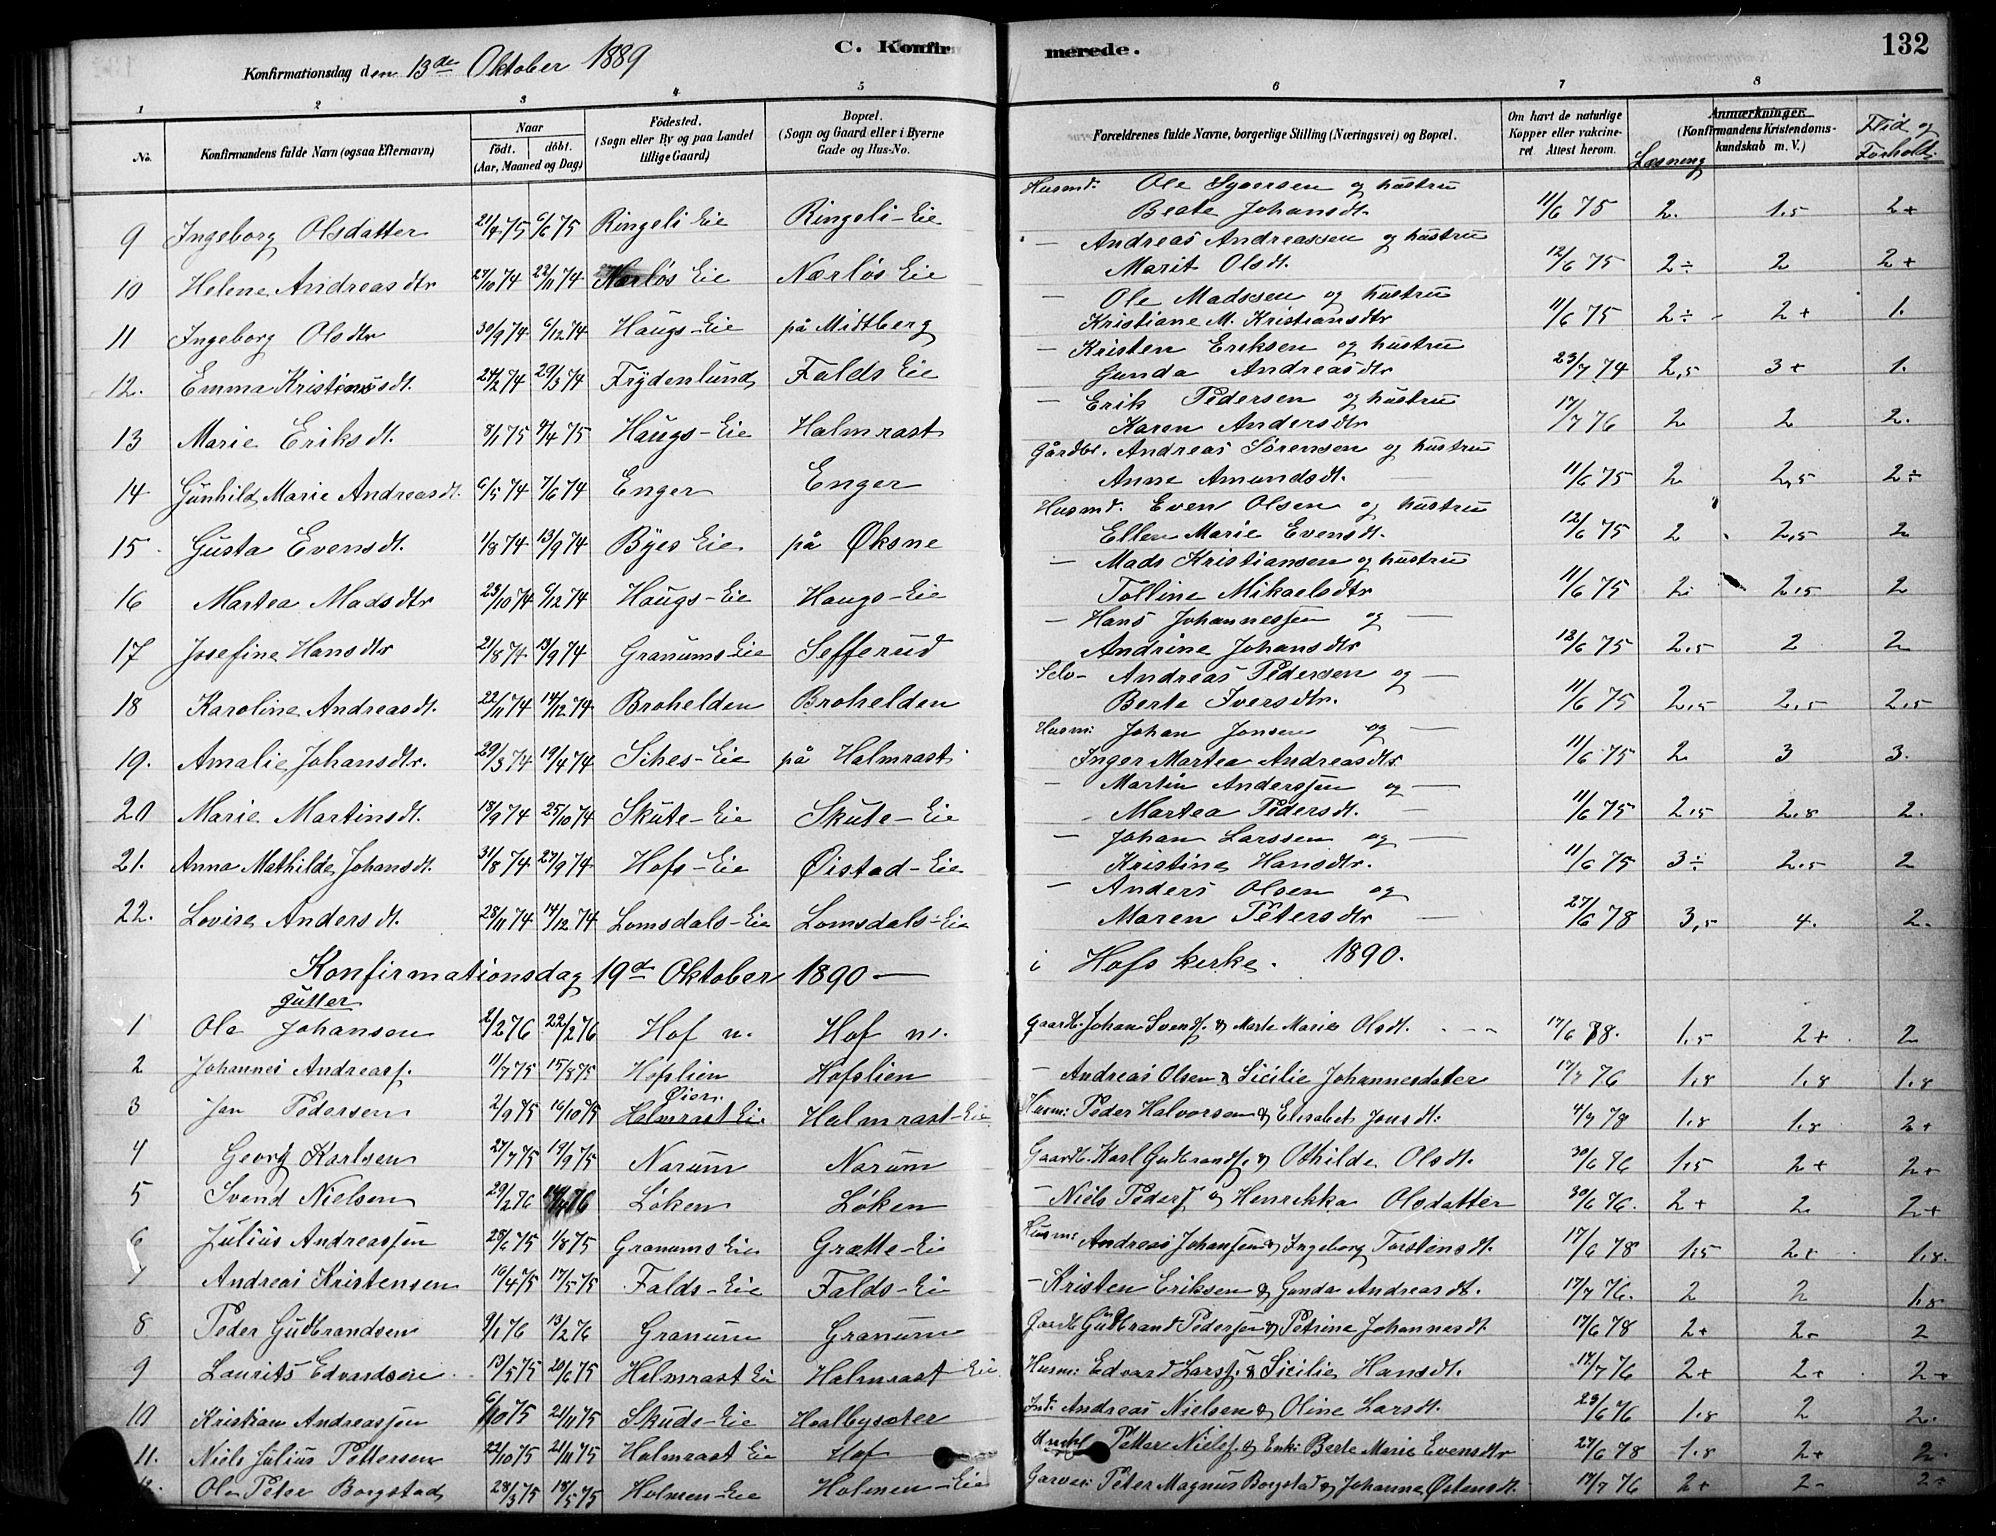 SAH, Søndre Land prestekontor, K/L0003: Ministerialbok nr. 3, 1878-1894, s. 132